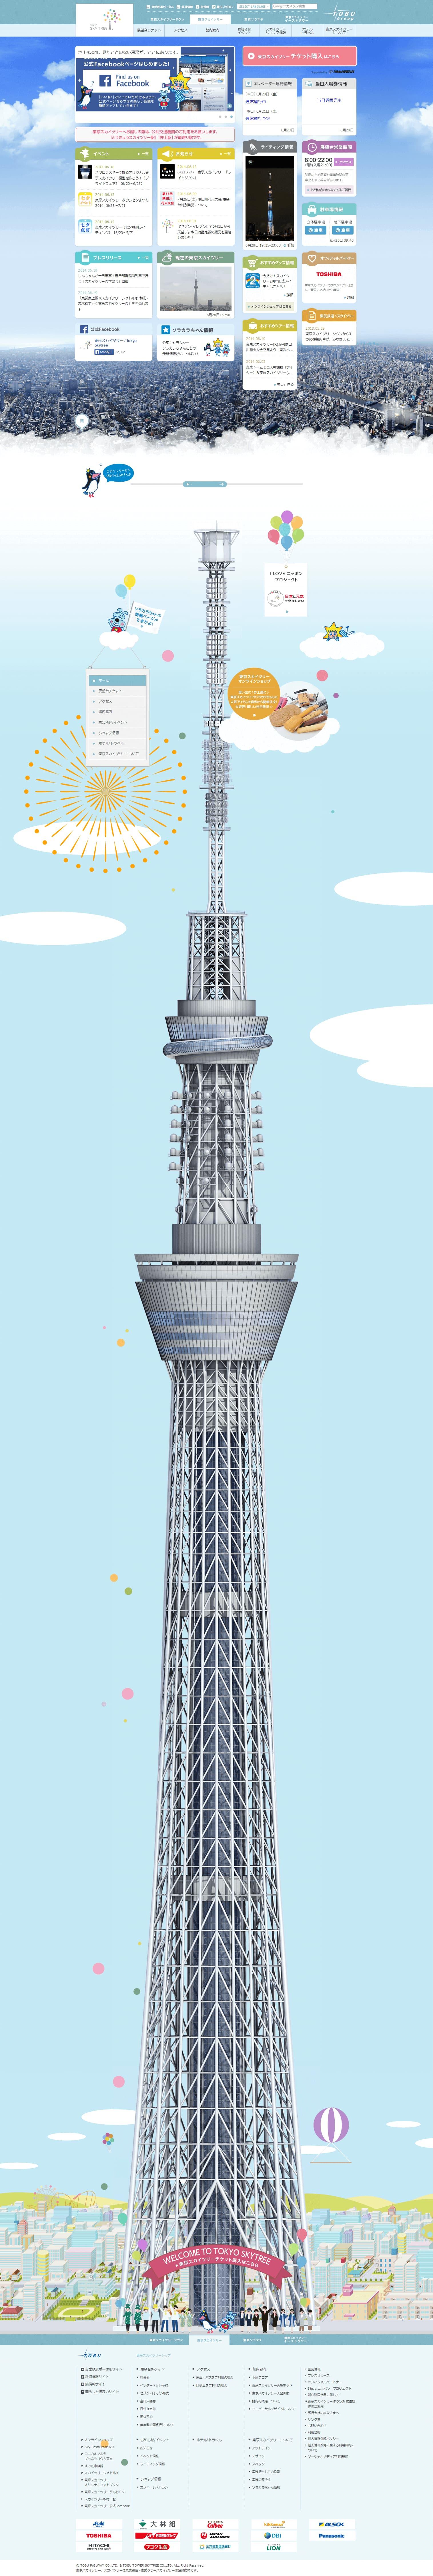 東京スカイツリーのホームページ